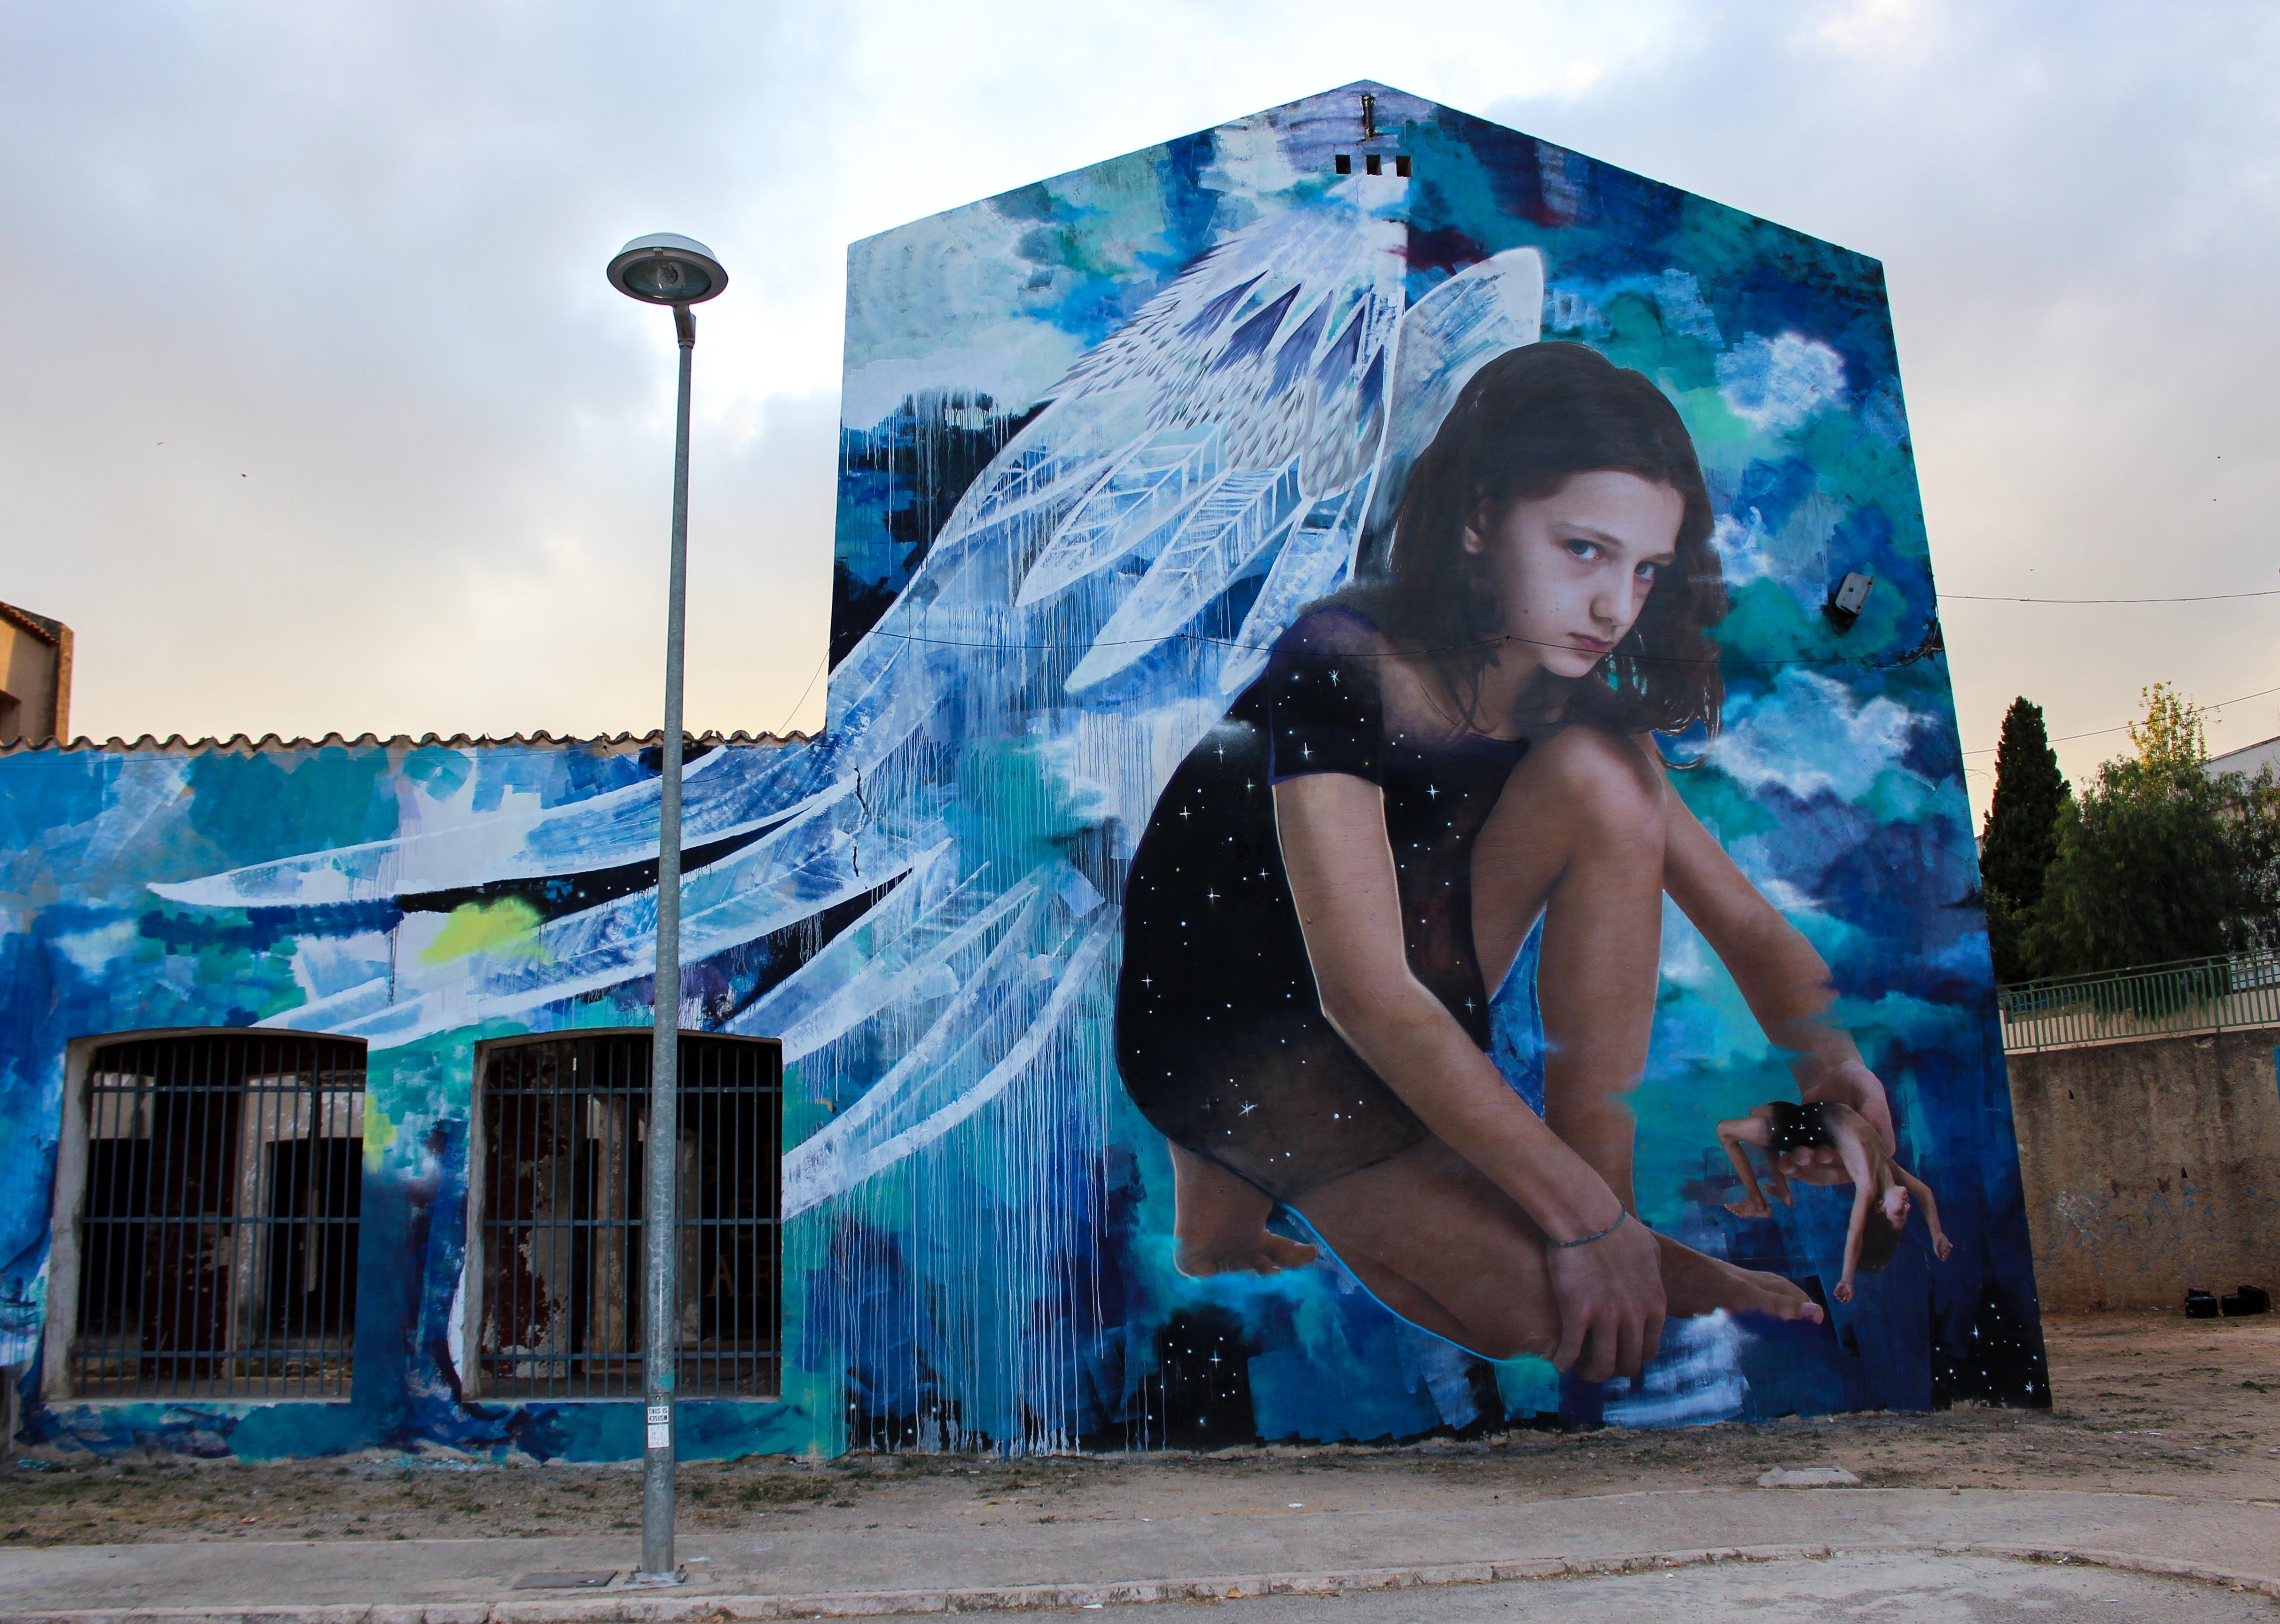 Ego, il nuovo murale di Bifido e Julieta | Collater.al 1